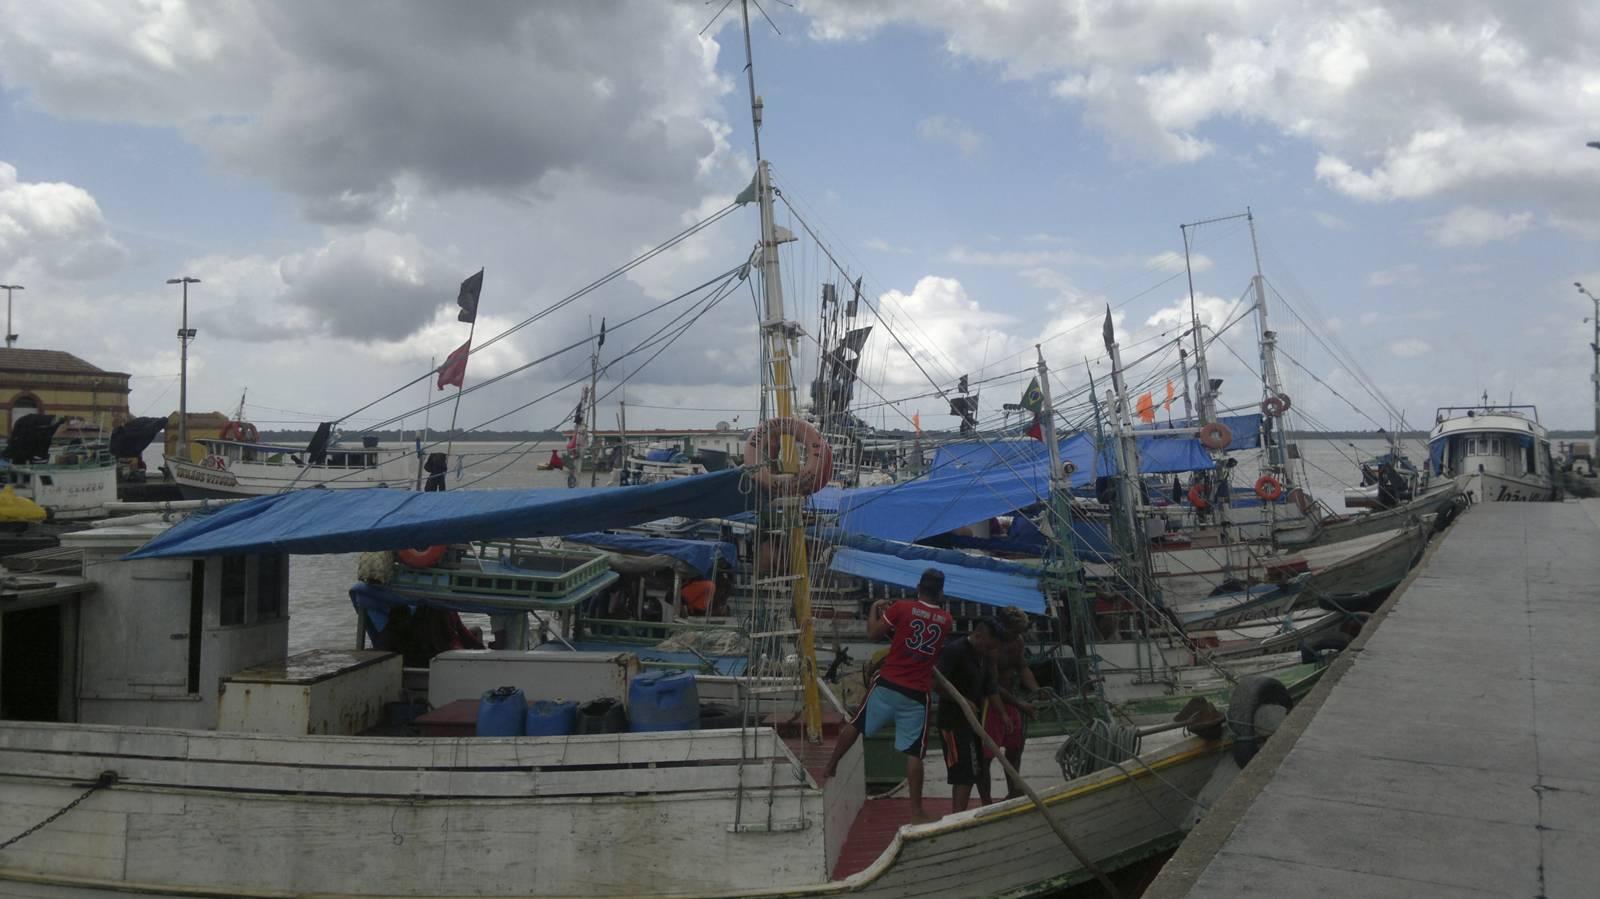 Brasile-belem-porta-dell-amazonia-porto-navi-da-pesca-imbarco-per-manaus